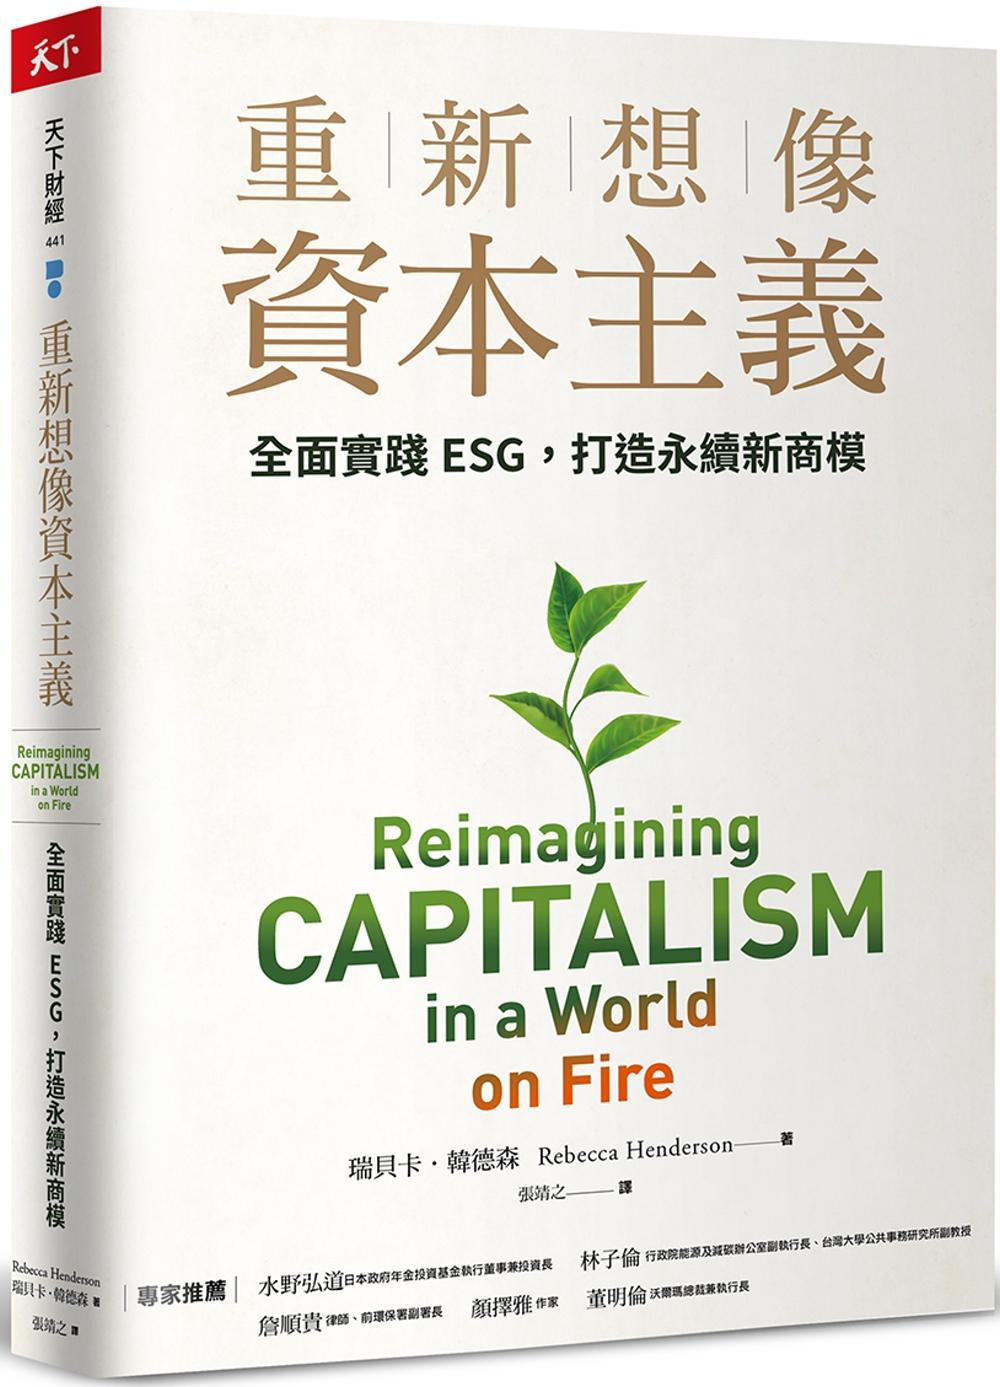 重新想像資本主義:全面實踐ESG,打造永續新商模